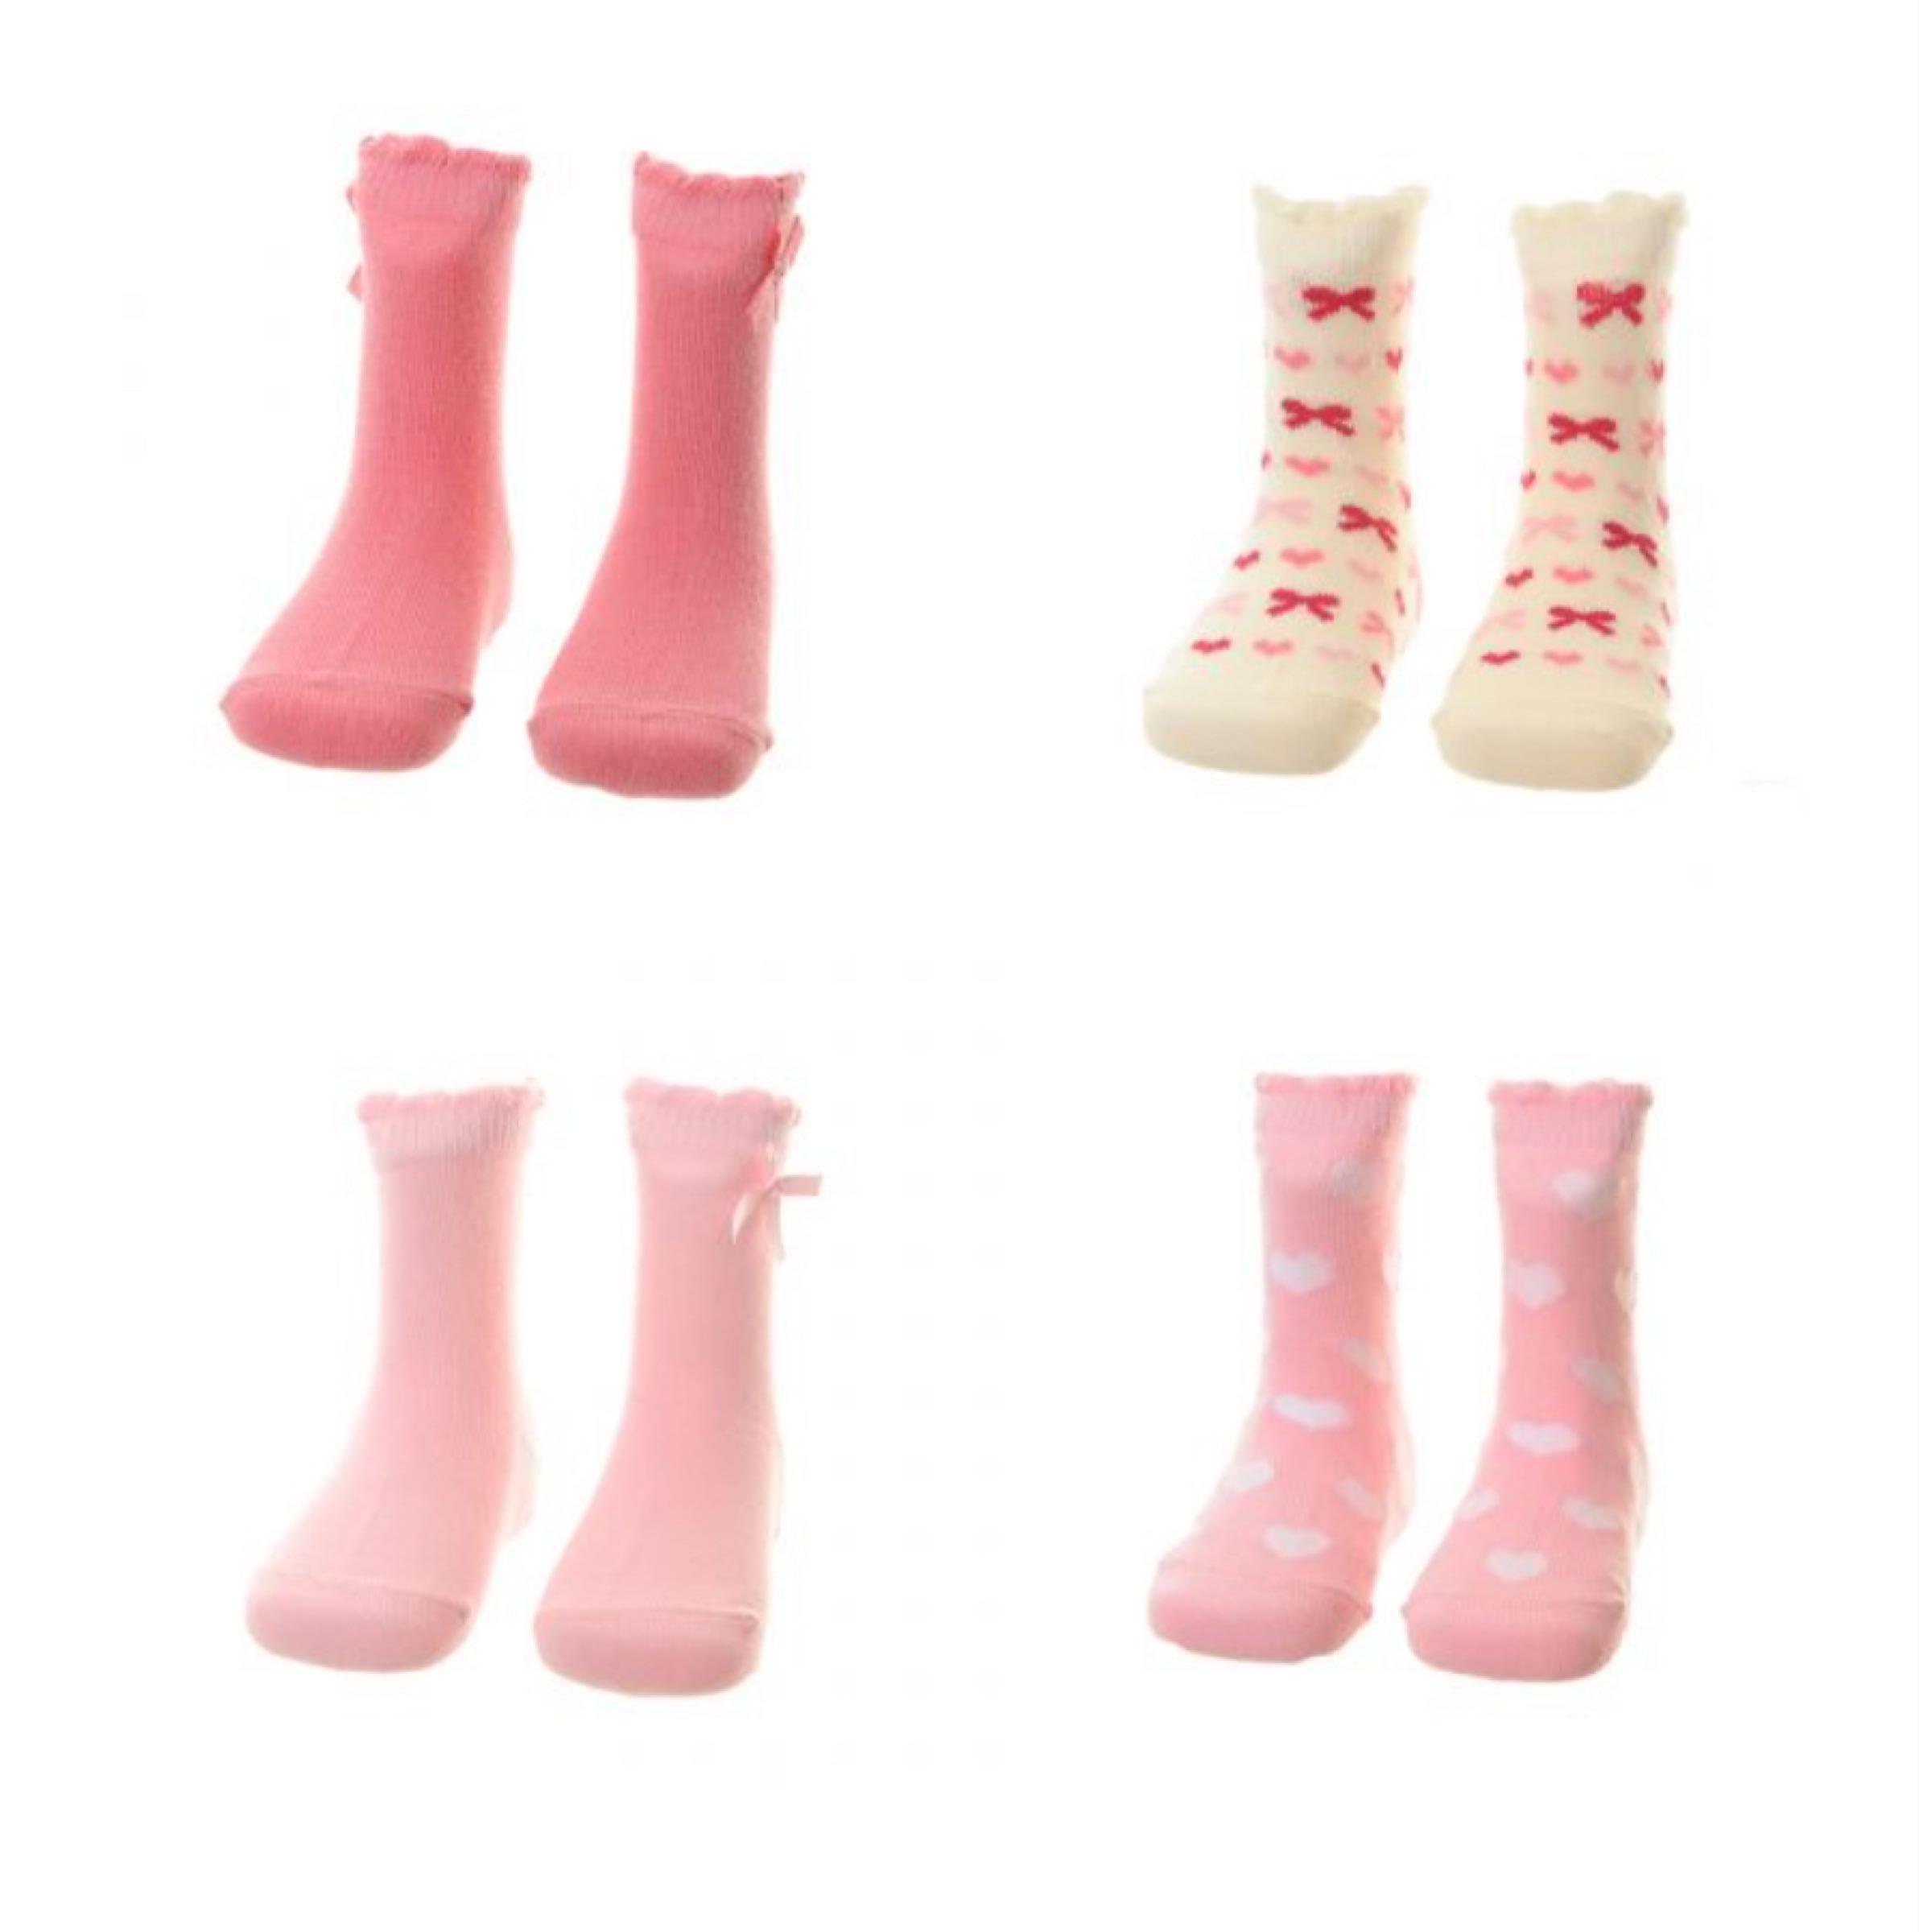 Hearts and Bows sock set